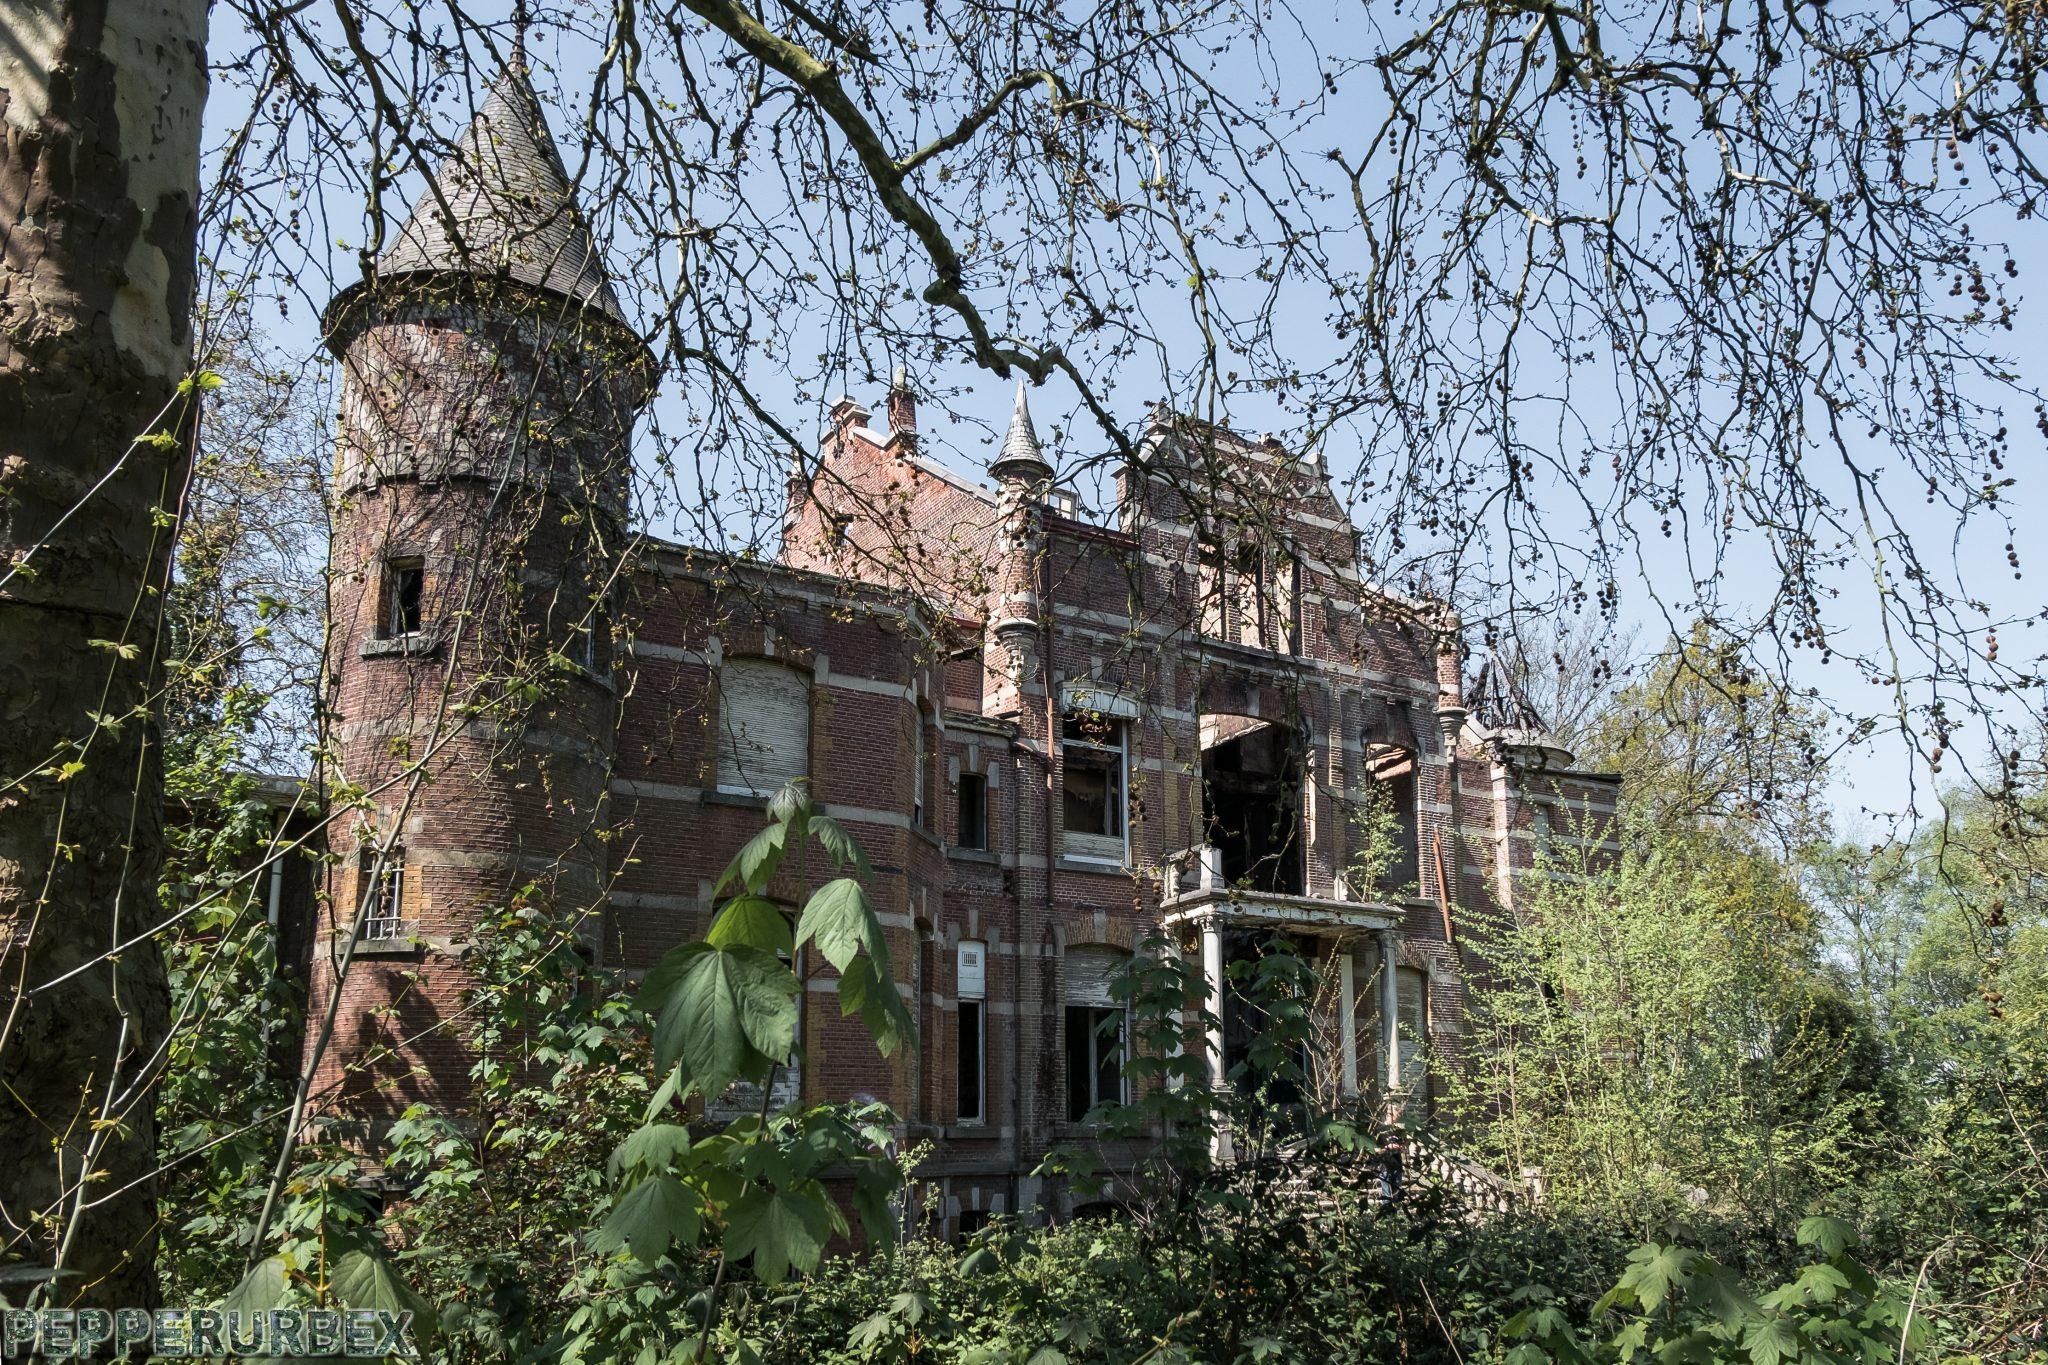 Chateau Lindenbosch 1 van 1